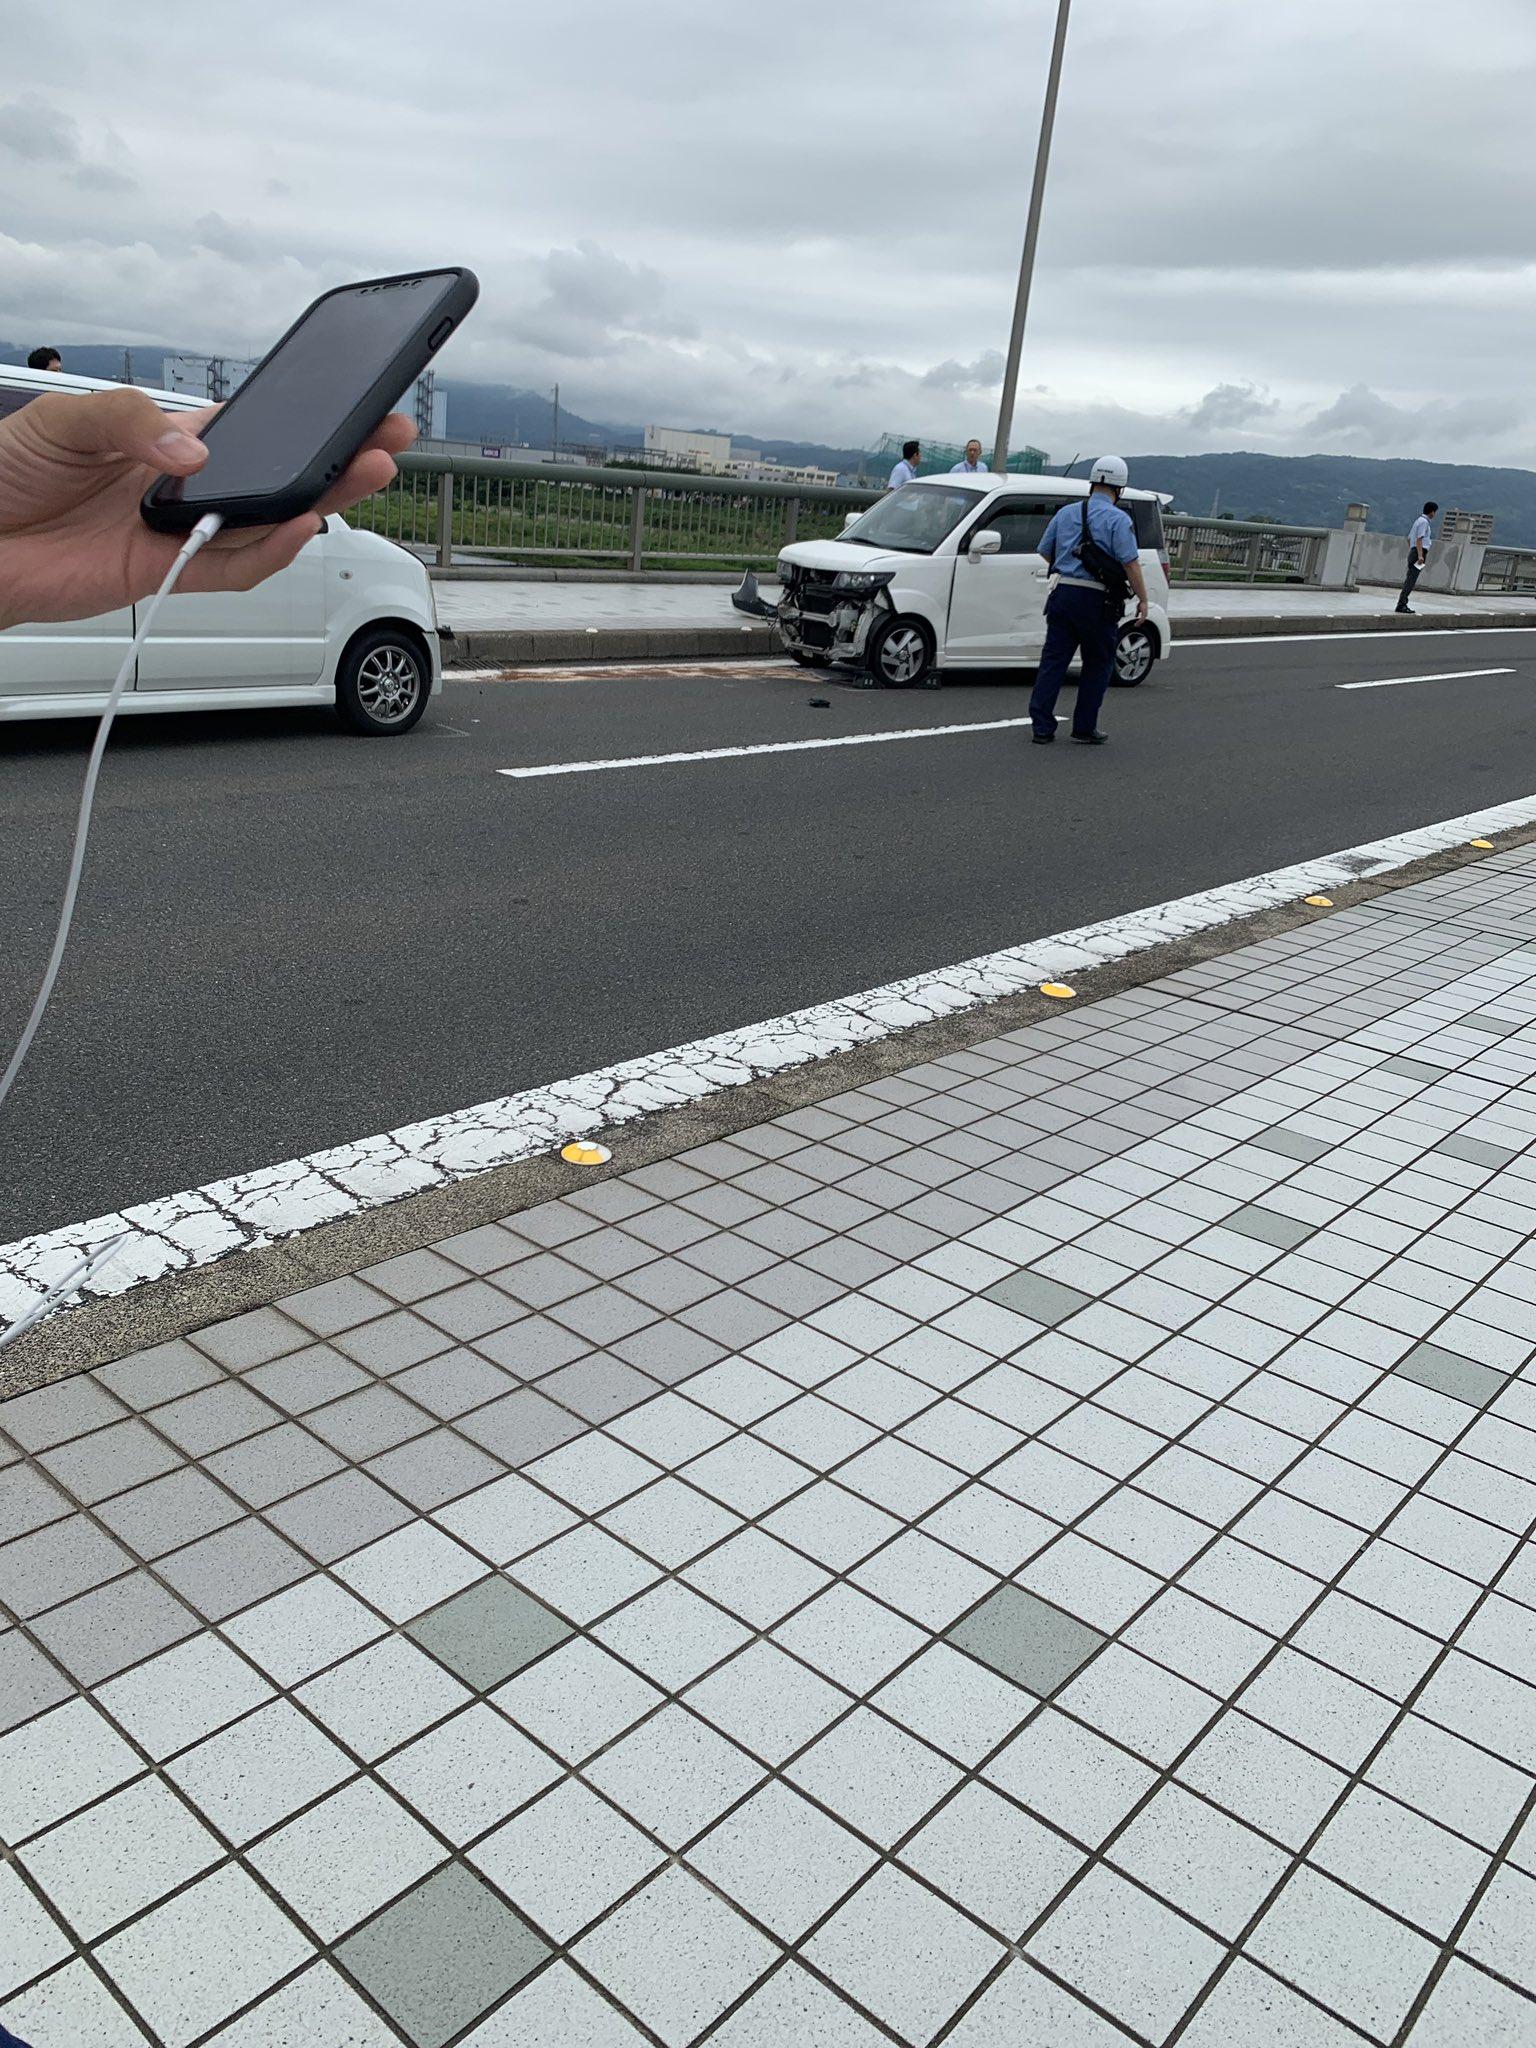 小田原大橋で軽自動車が衝突する事故の現場画像